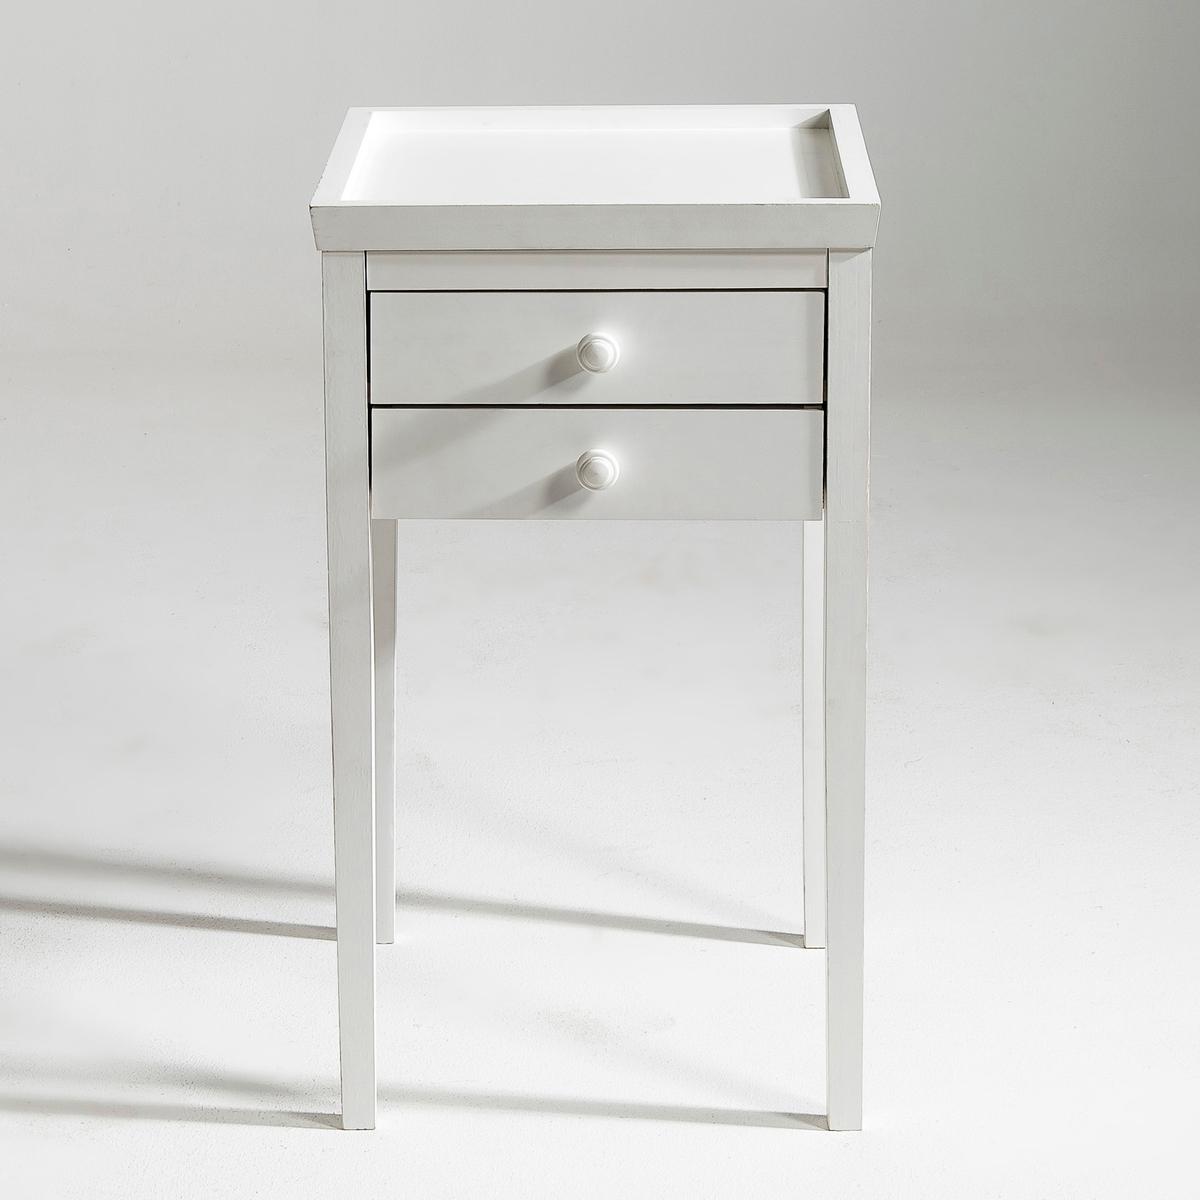 Прикроватный столик Alex, 3 варианта отделкиПрикроватный столик Alex. Практичный столик, 2 маленьких ящика.Характеристики :- Из массива сосны без обработки под покраску, покрытие нитролаком белого или светло-серого цвета.- Мебель под окраску. Для оптимального результата рекомендуем сначала покрыть нашу мебель грунтовкой, а после нанести 1-2 слоя краски. Описание :- 2 ящика- Данная модель легко собирается, инструкция по сборке прилагается. Размеры  :- Шир. 40 x Выс. 70 x Гл. 40 см.- Размеры ящика : Шир. 30 x Выс. 5,5 x Гл. 27,5 см.- Вес : 6,9 кгРазмеры и вес упаковки :- Шир. 97 x Выс. 9,5 x Гл. 46 см, 8,5 кг<br><br>Цвет: белый,светло-серый